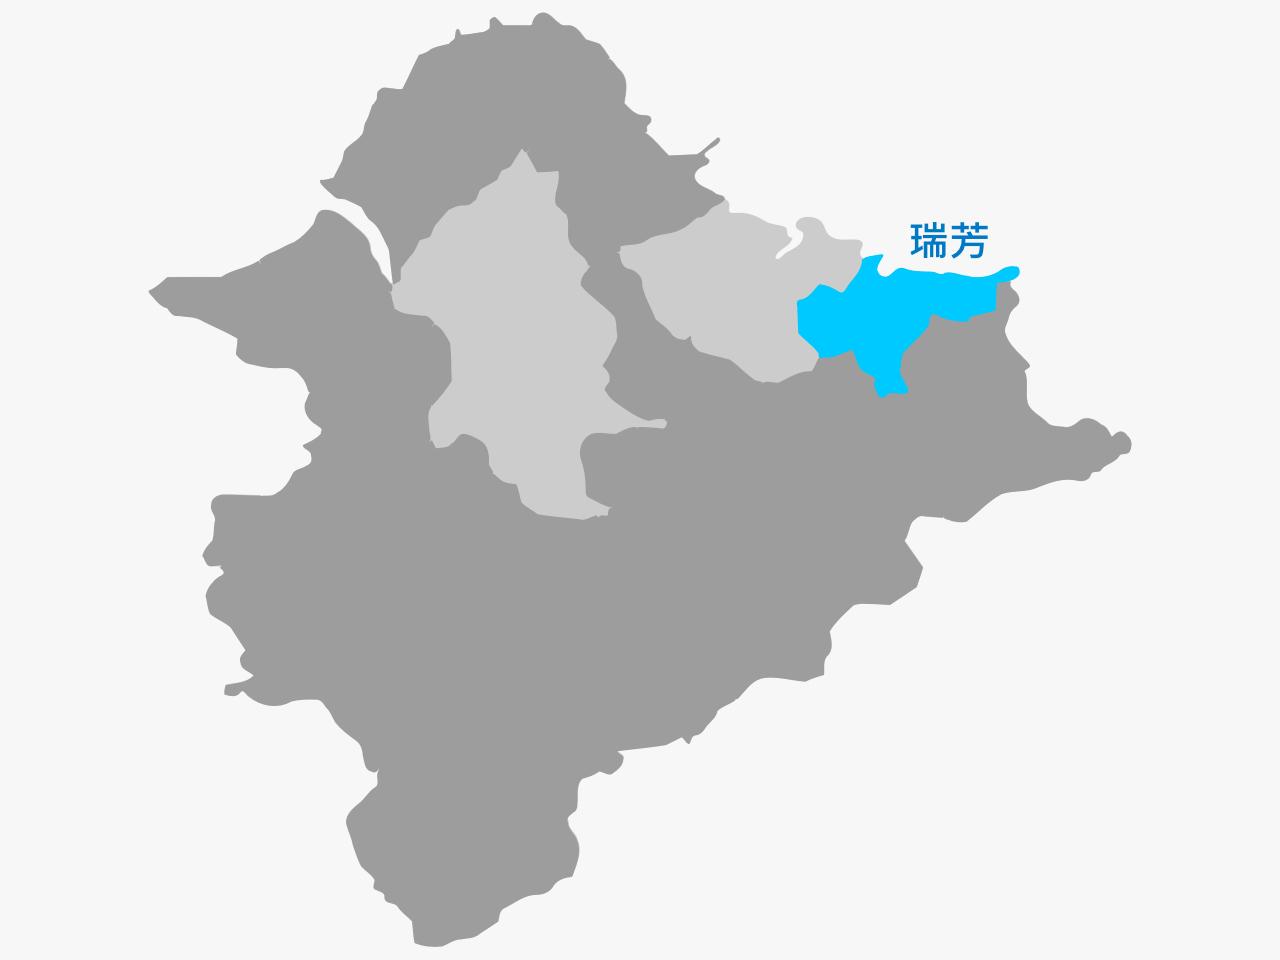 九份老街訪經典,鐵道礦業現風華- MAP